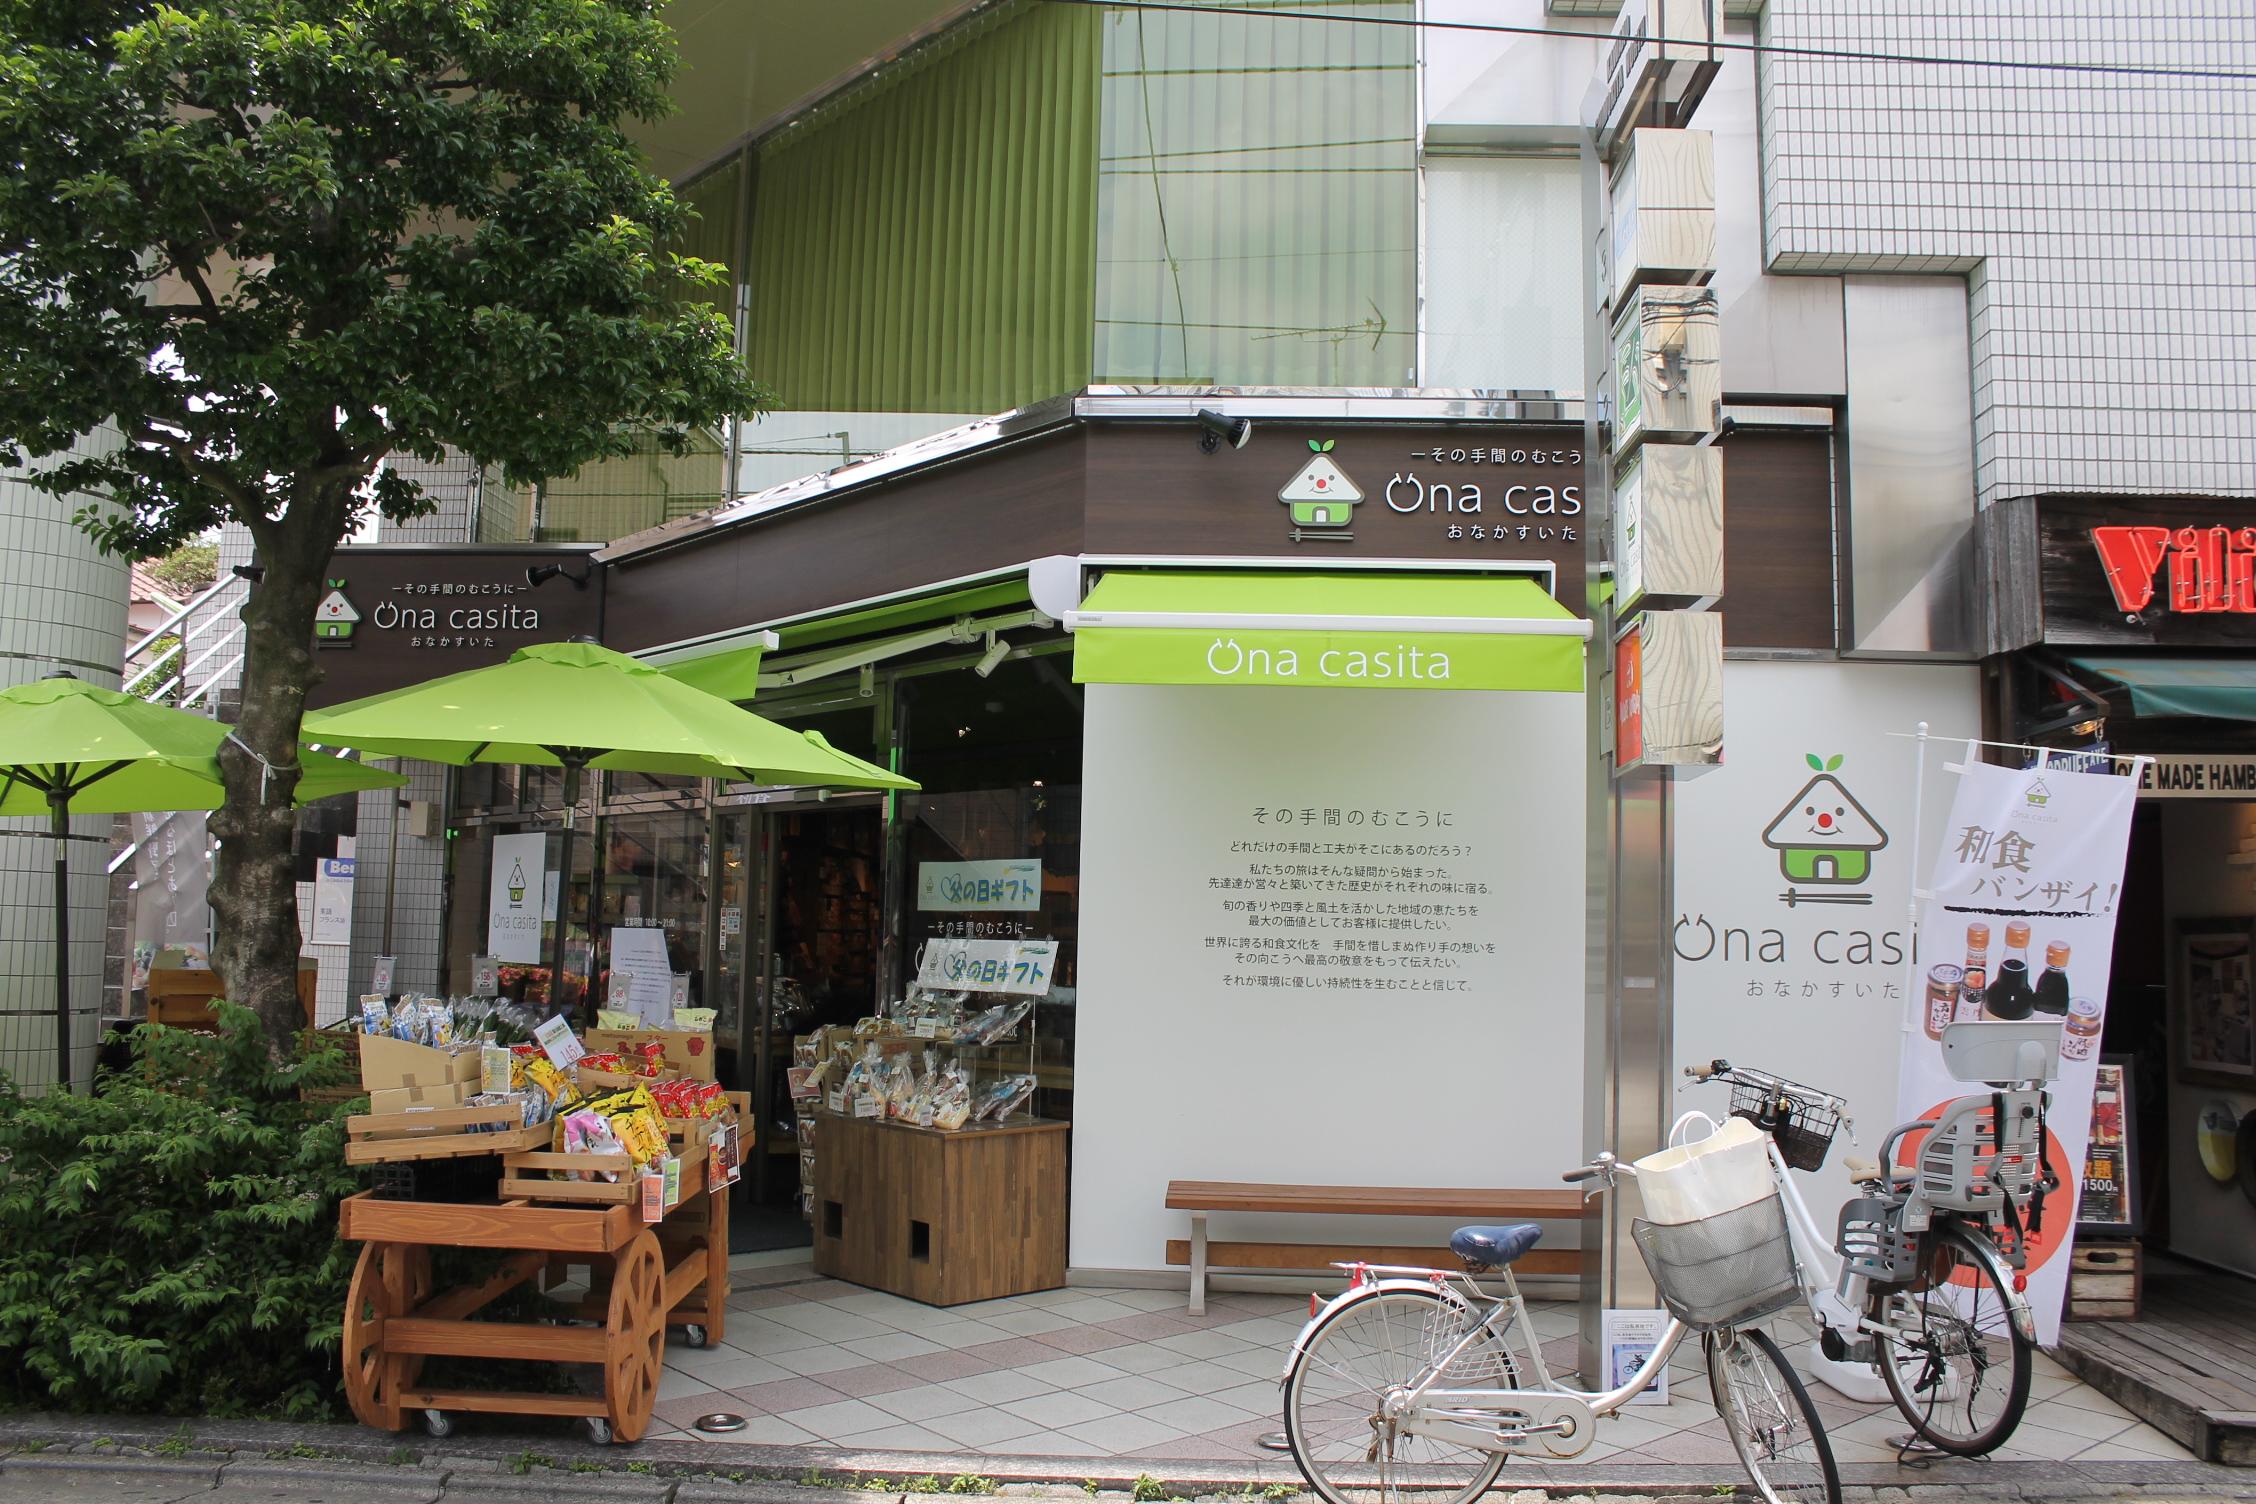 Una casita(オナカスイタ) 下北沢店